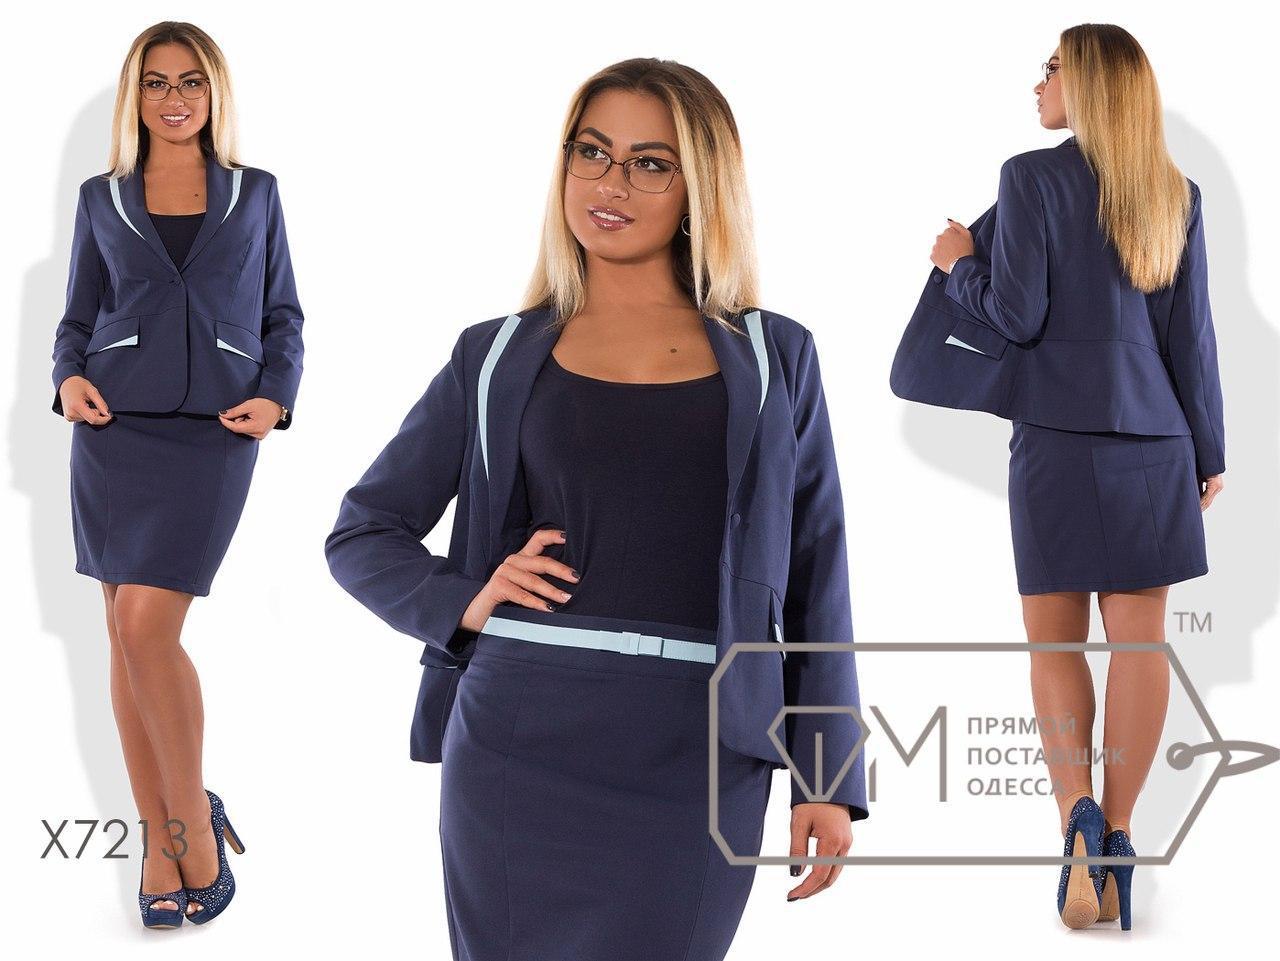 Женский костюм батал (юбка и пиджак) в расцветках fmx7213